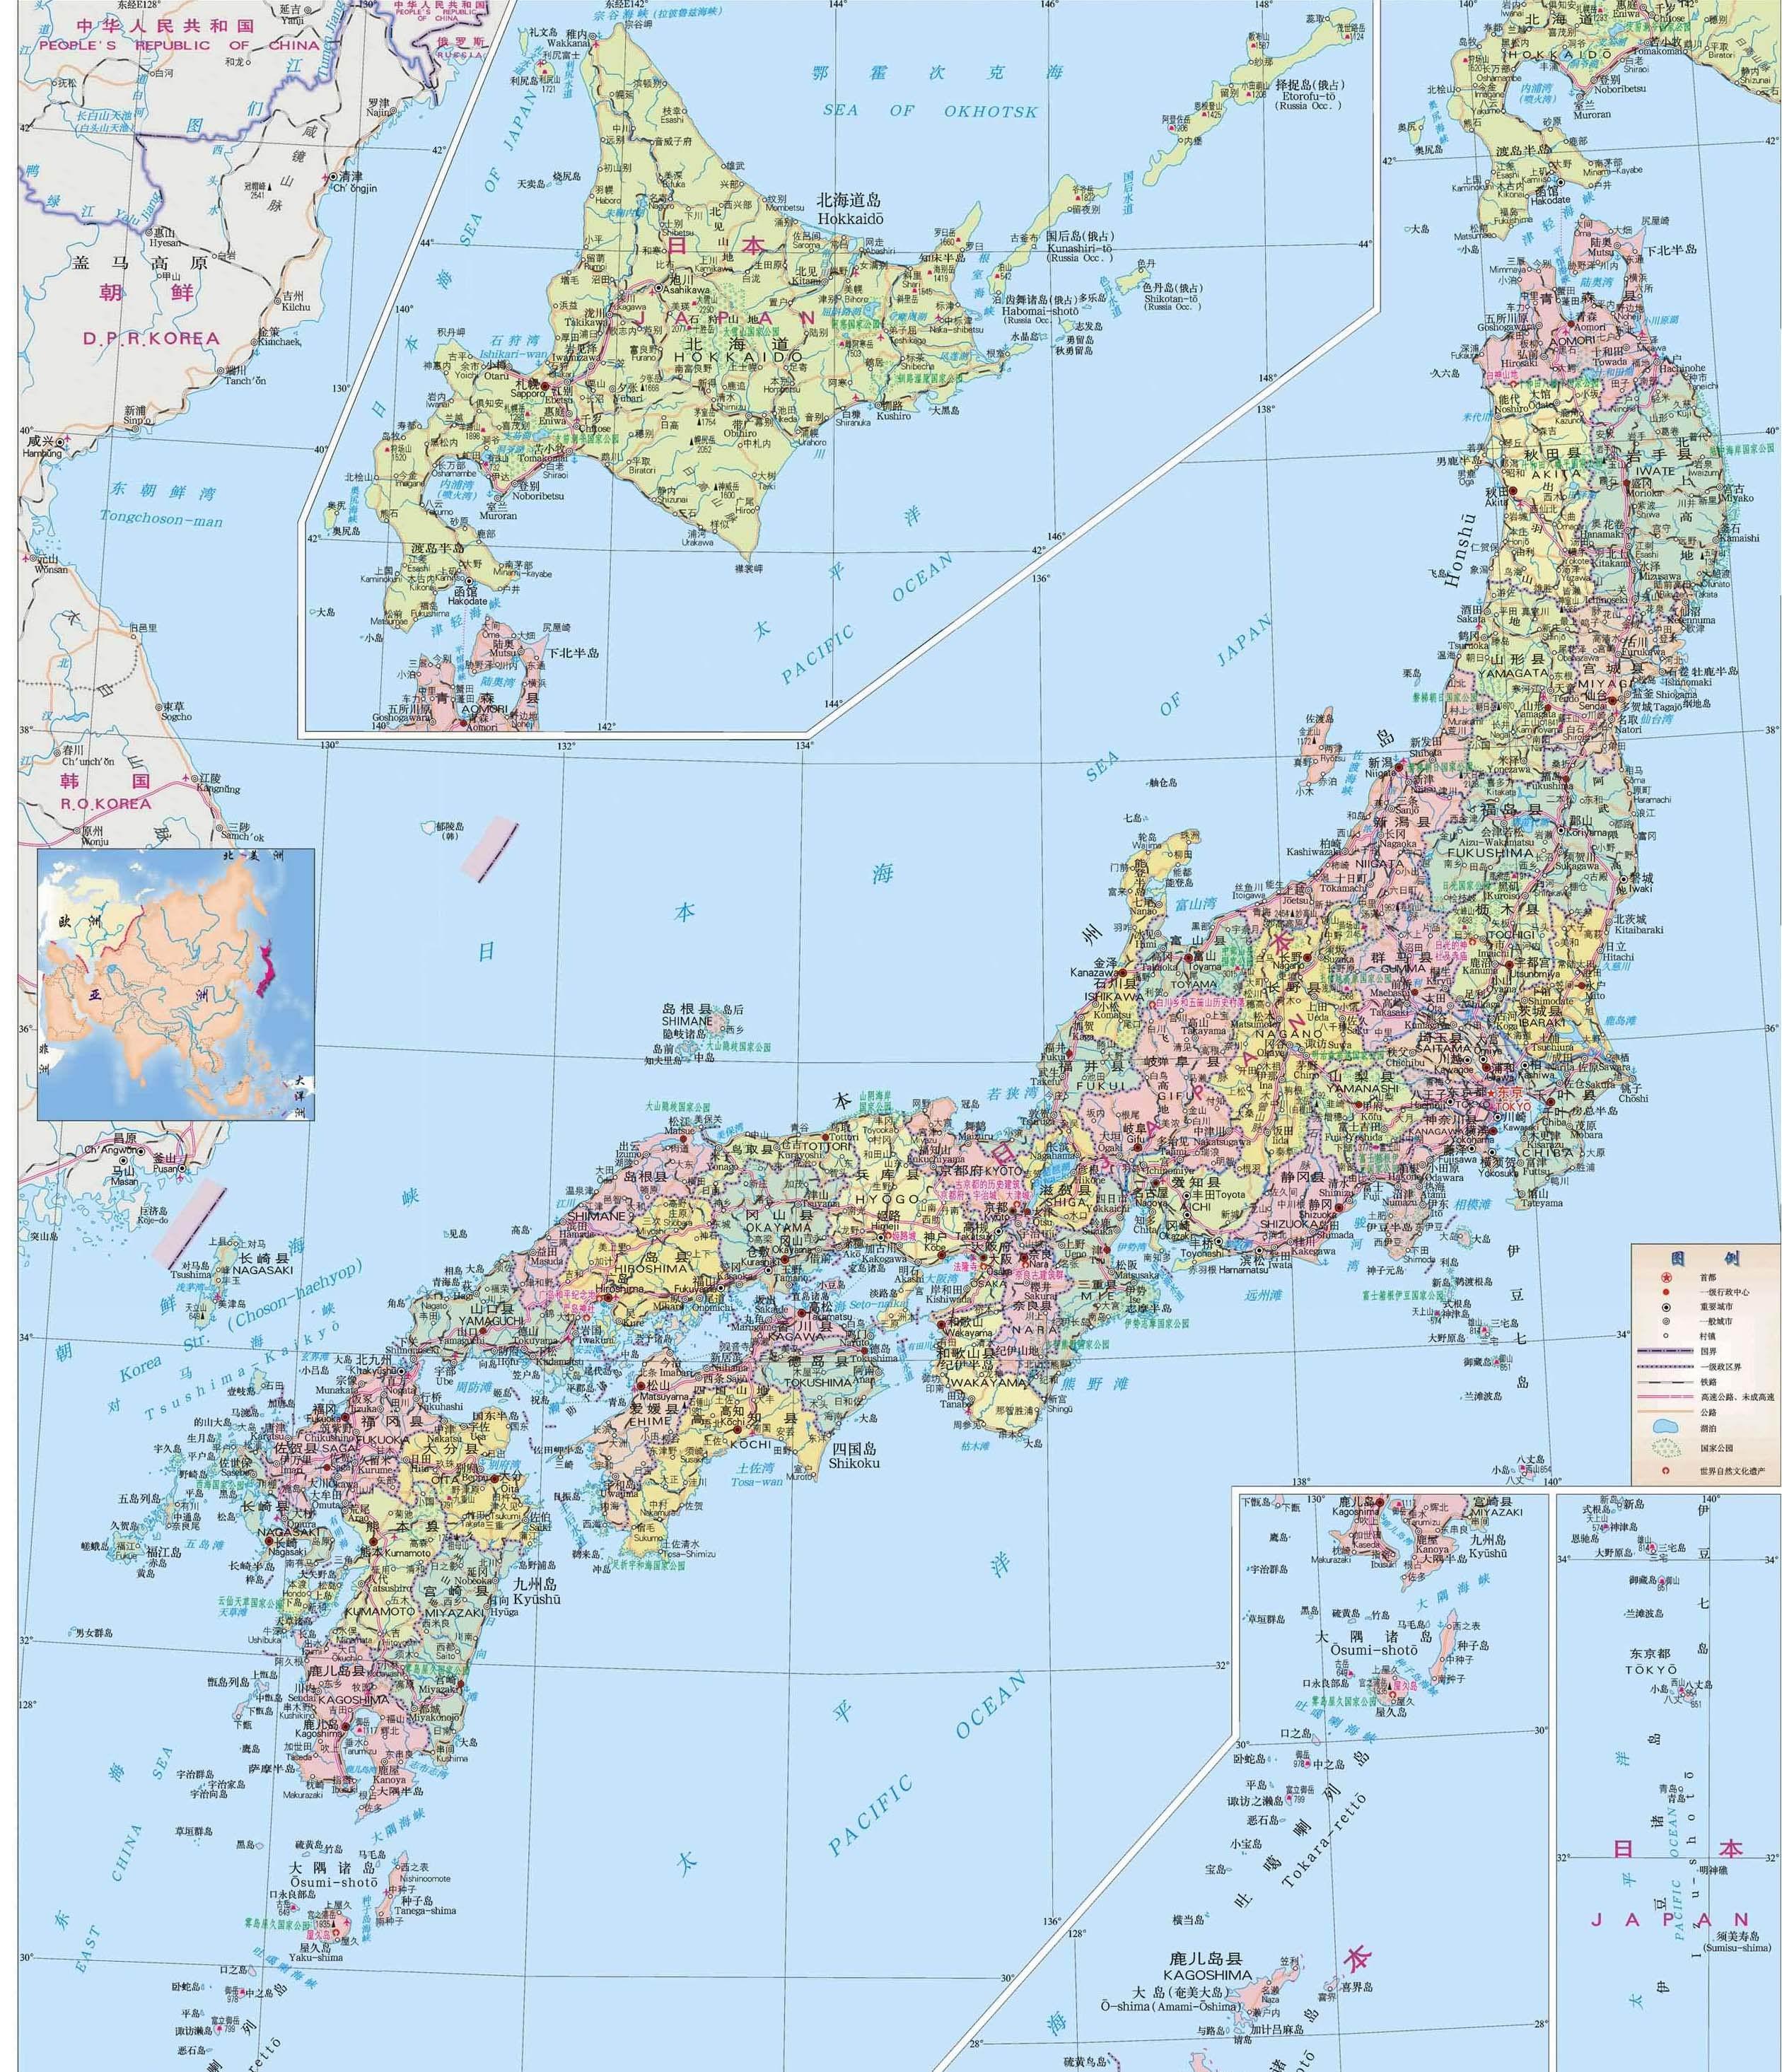 烟台长岛旅游地图_烟台长岛卫星地图_烟台长岛景区地图